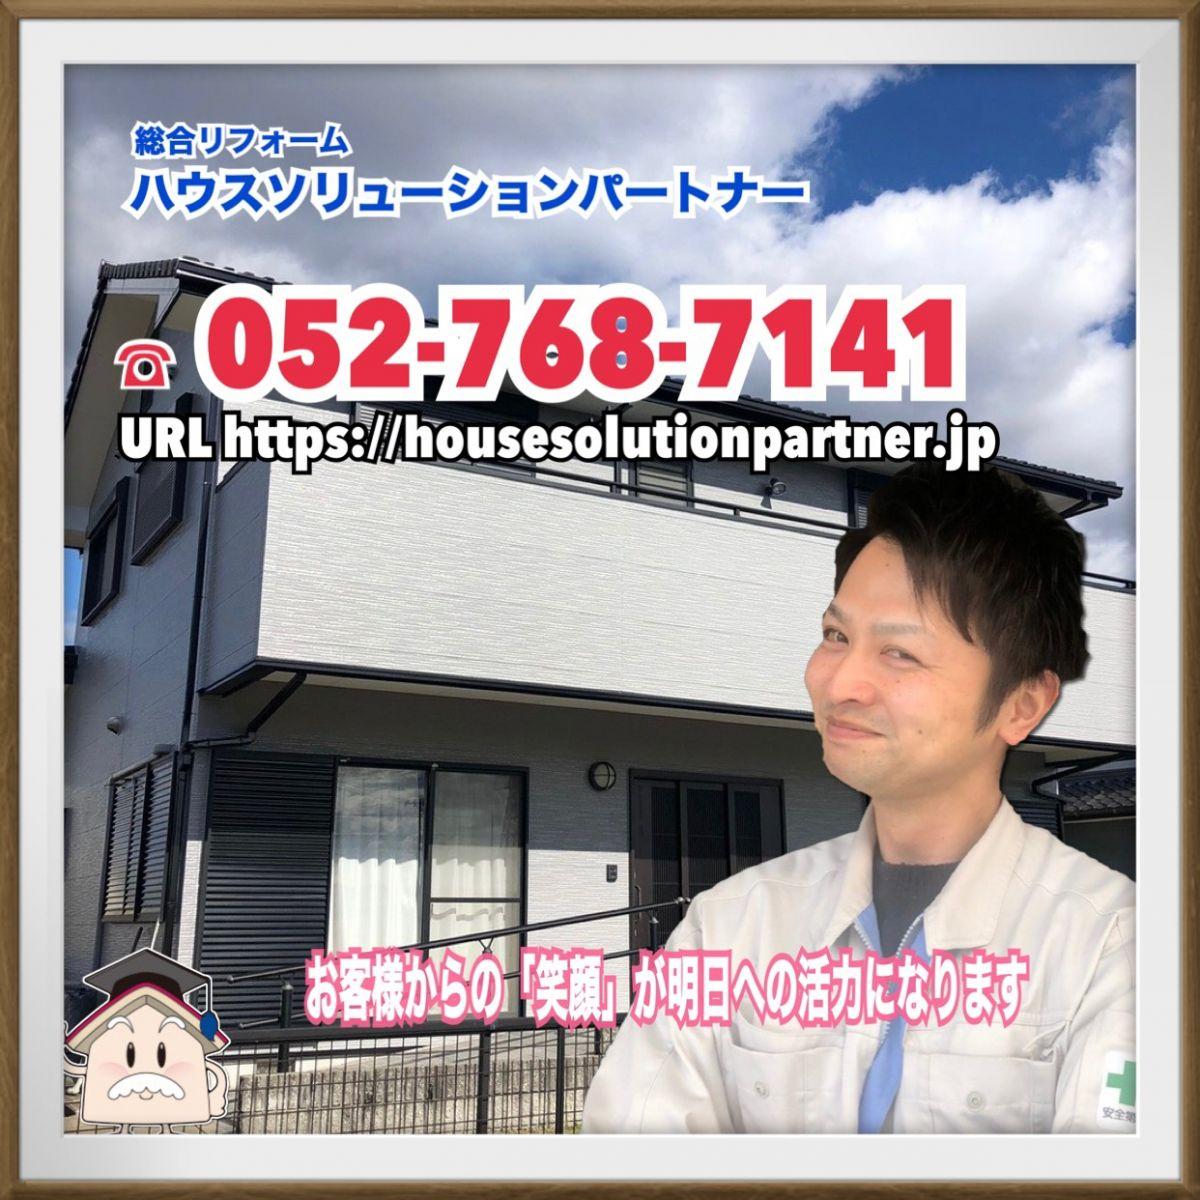 jirei_image53040